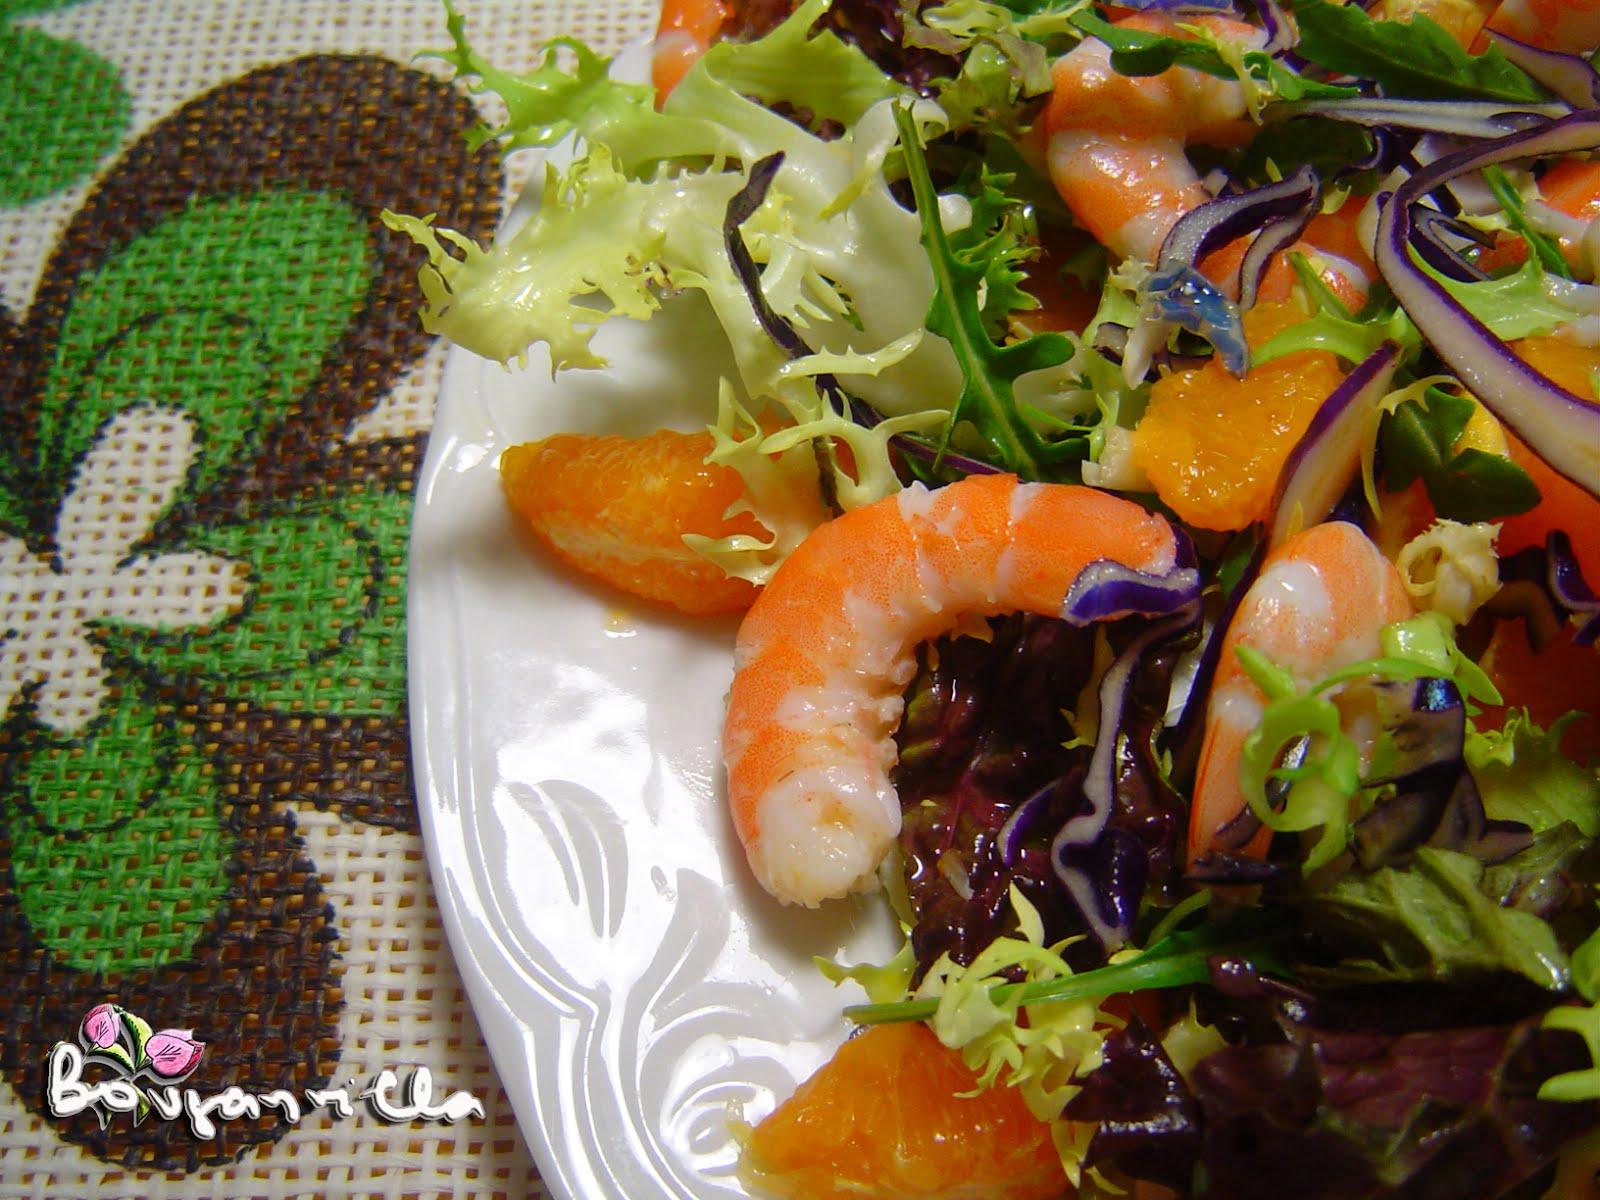 Los caprichos de la bouganvilla capricho 298 ensalada - Ensalada de langostinos ...